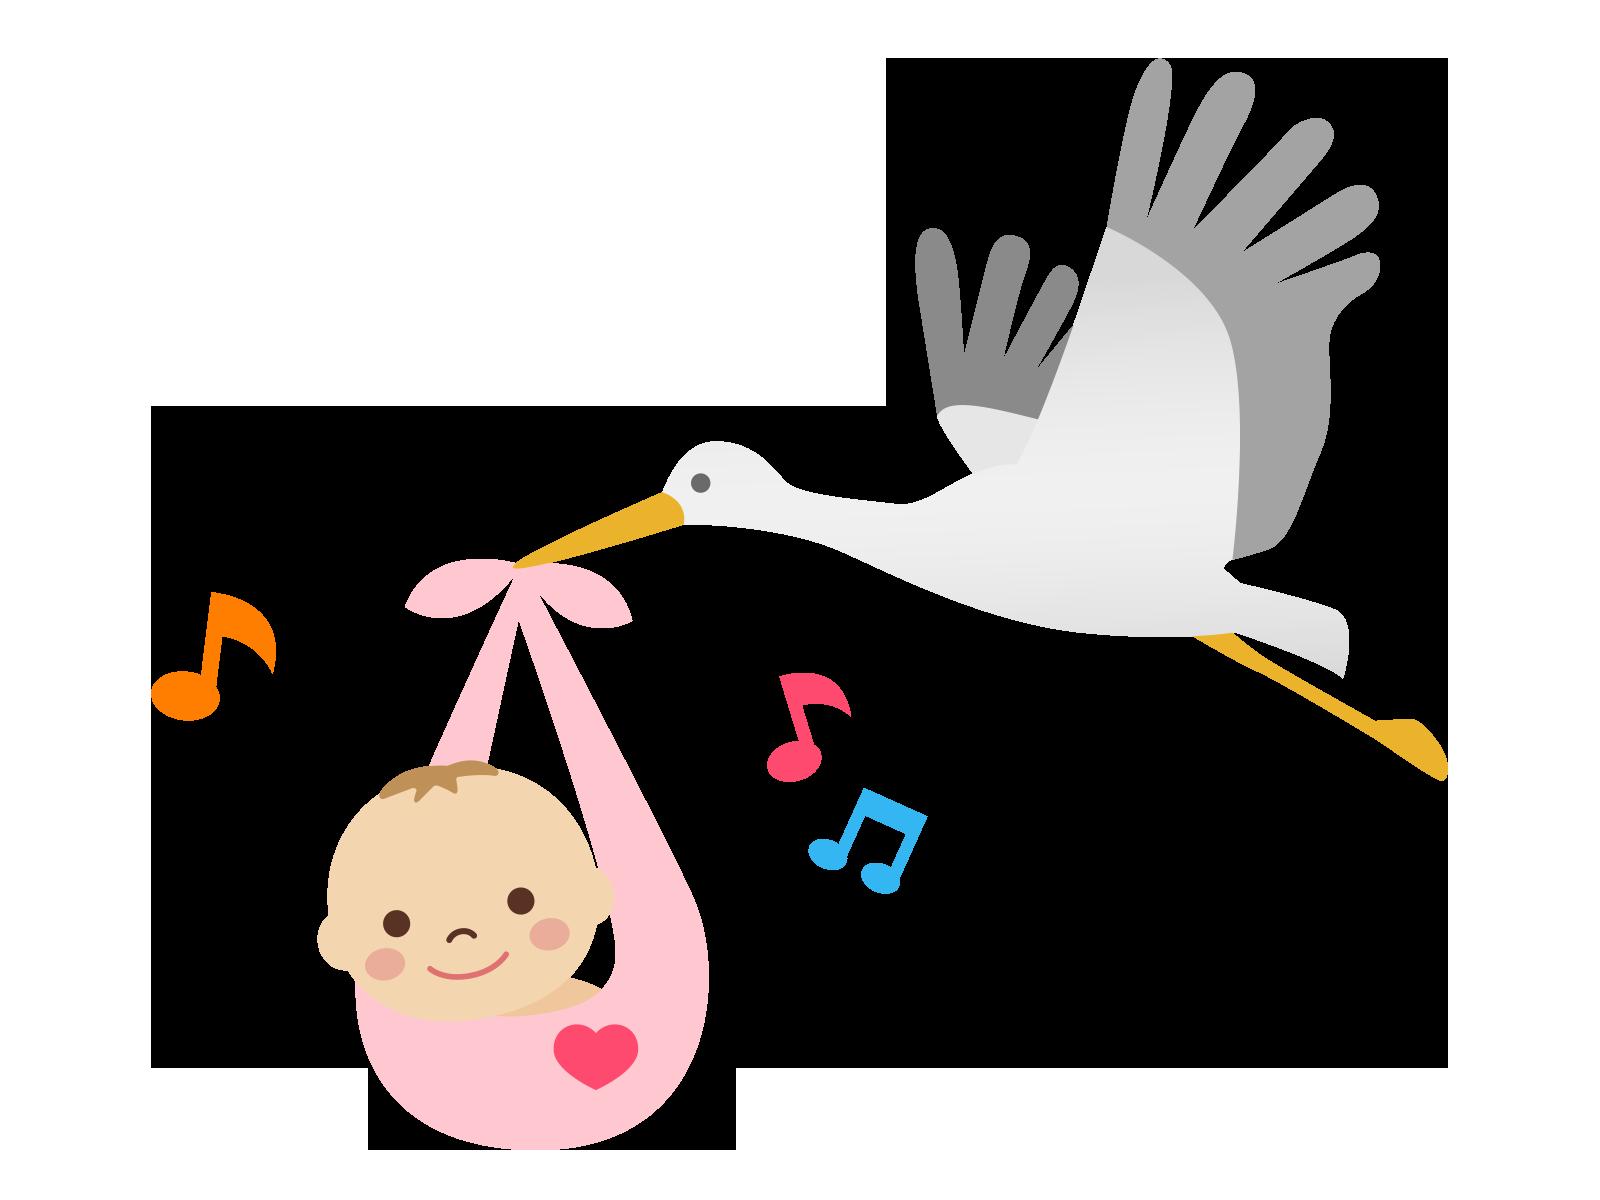 幸せいっぱいのご家族に贈る「出産祝い」は、祝福する人もされる人も笑顔になれる最高のプレゼント